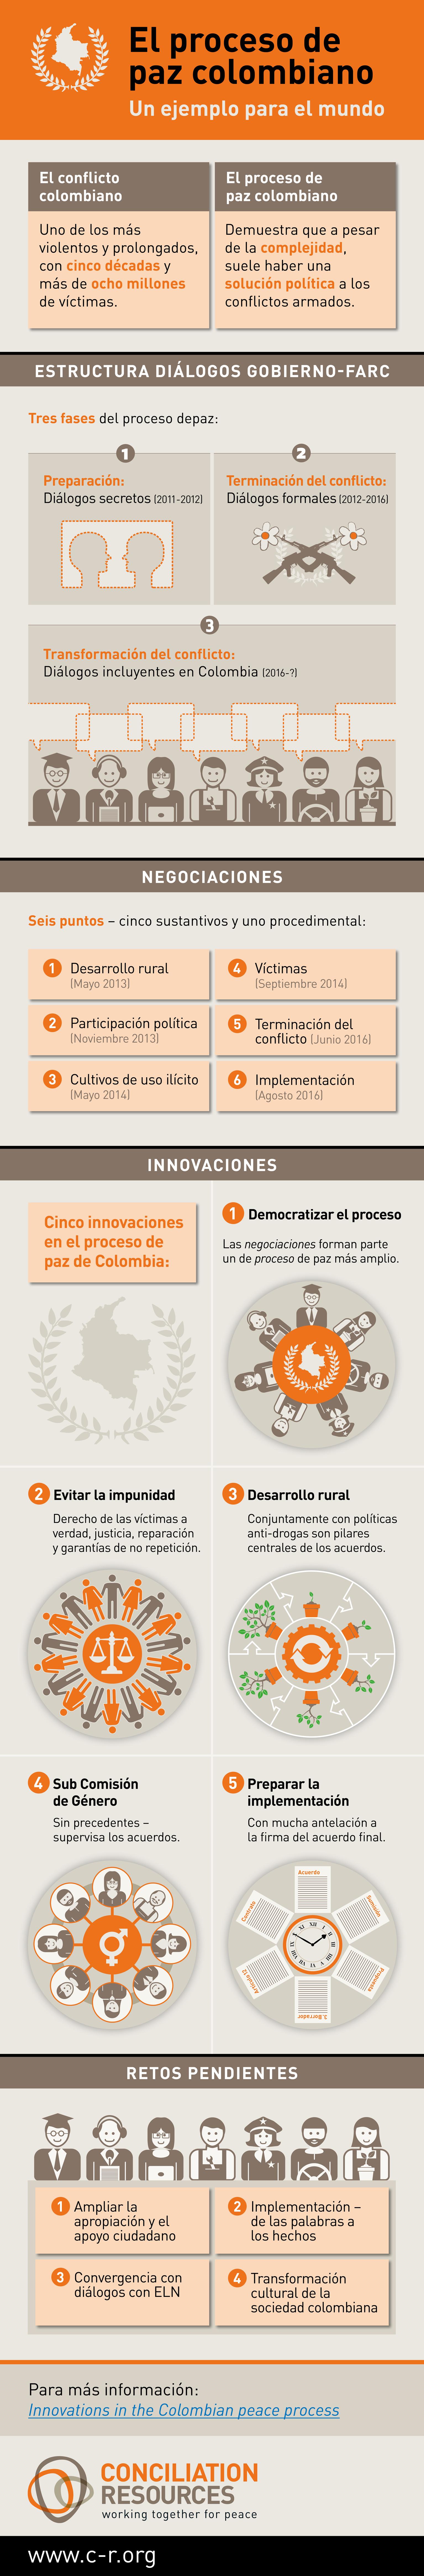 Infografía - El proceso de paz Colombiano